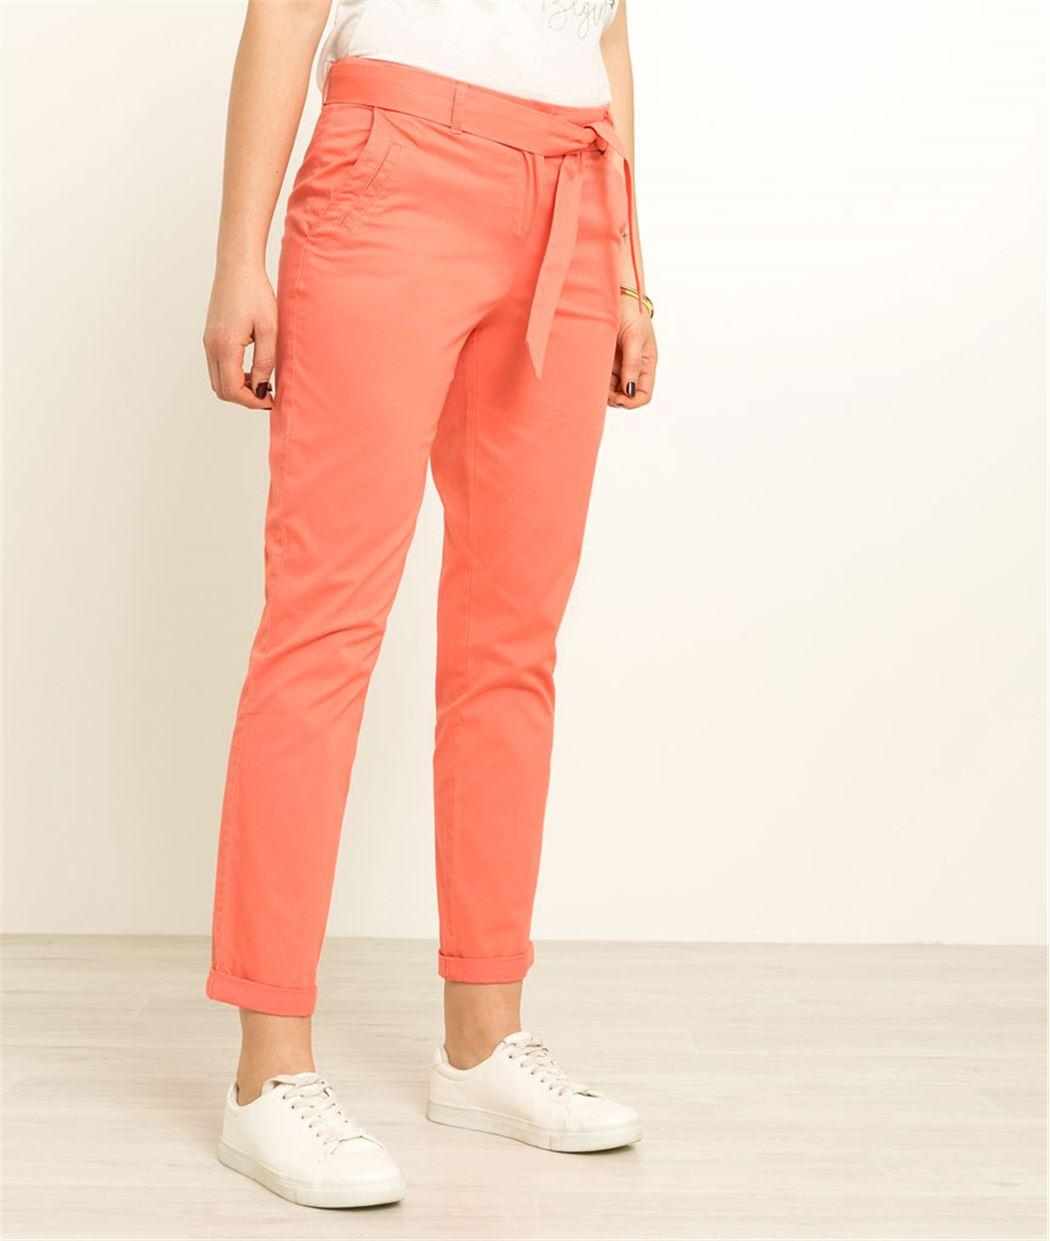 Pantalon femme chino ceinturé CAPUCINE